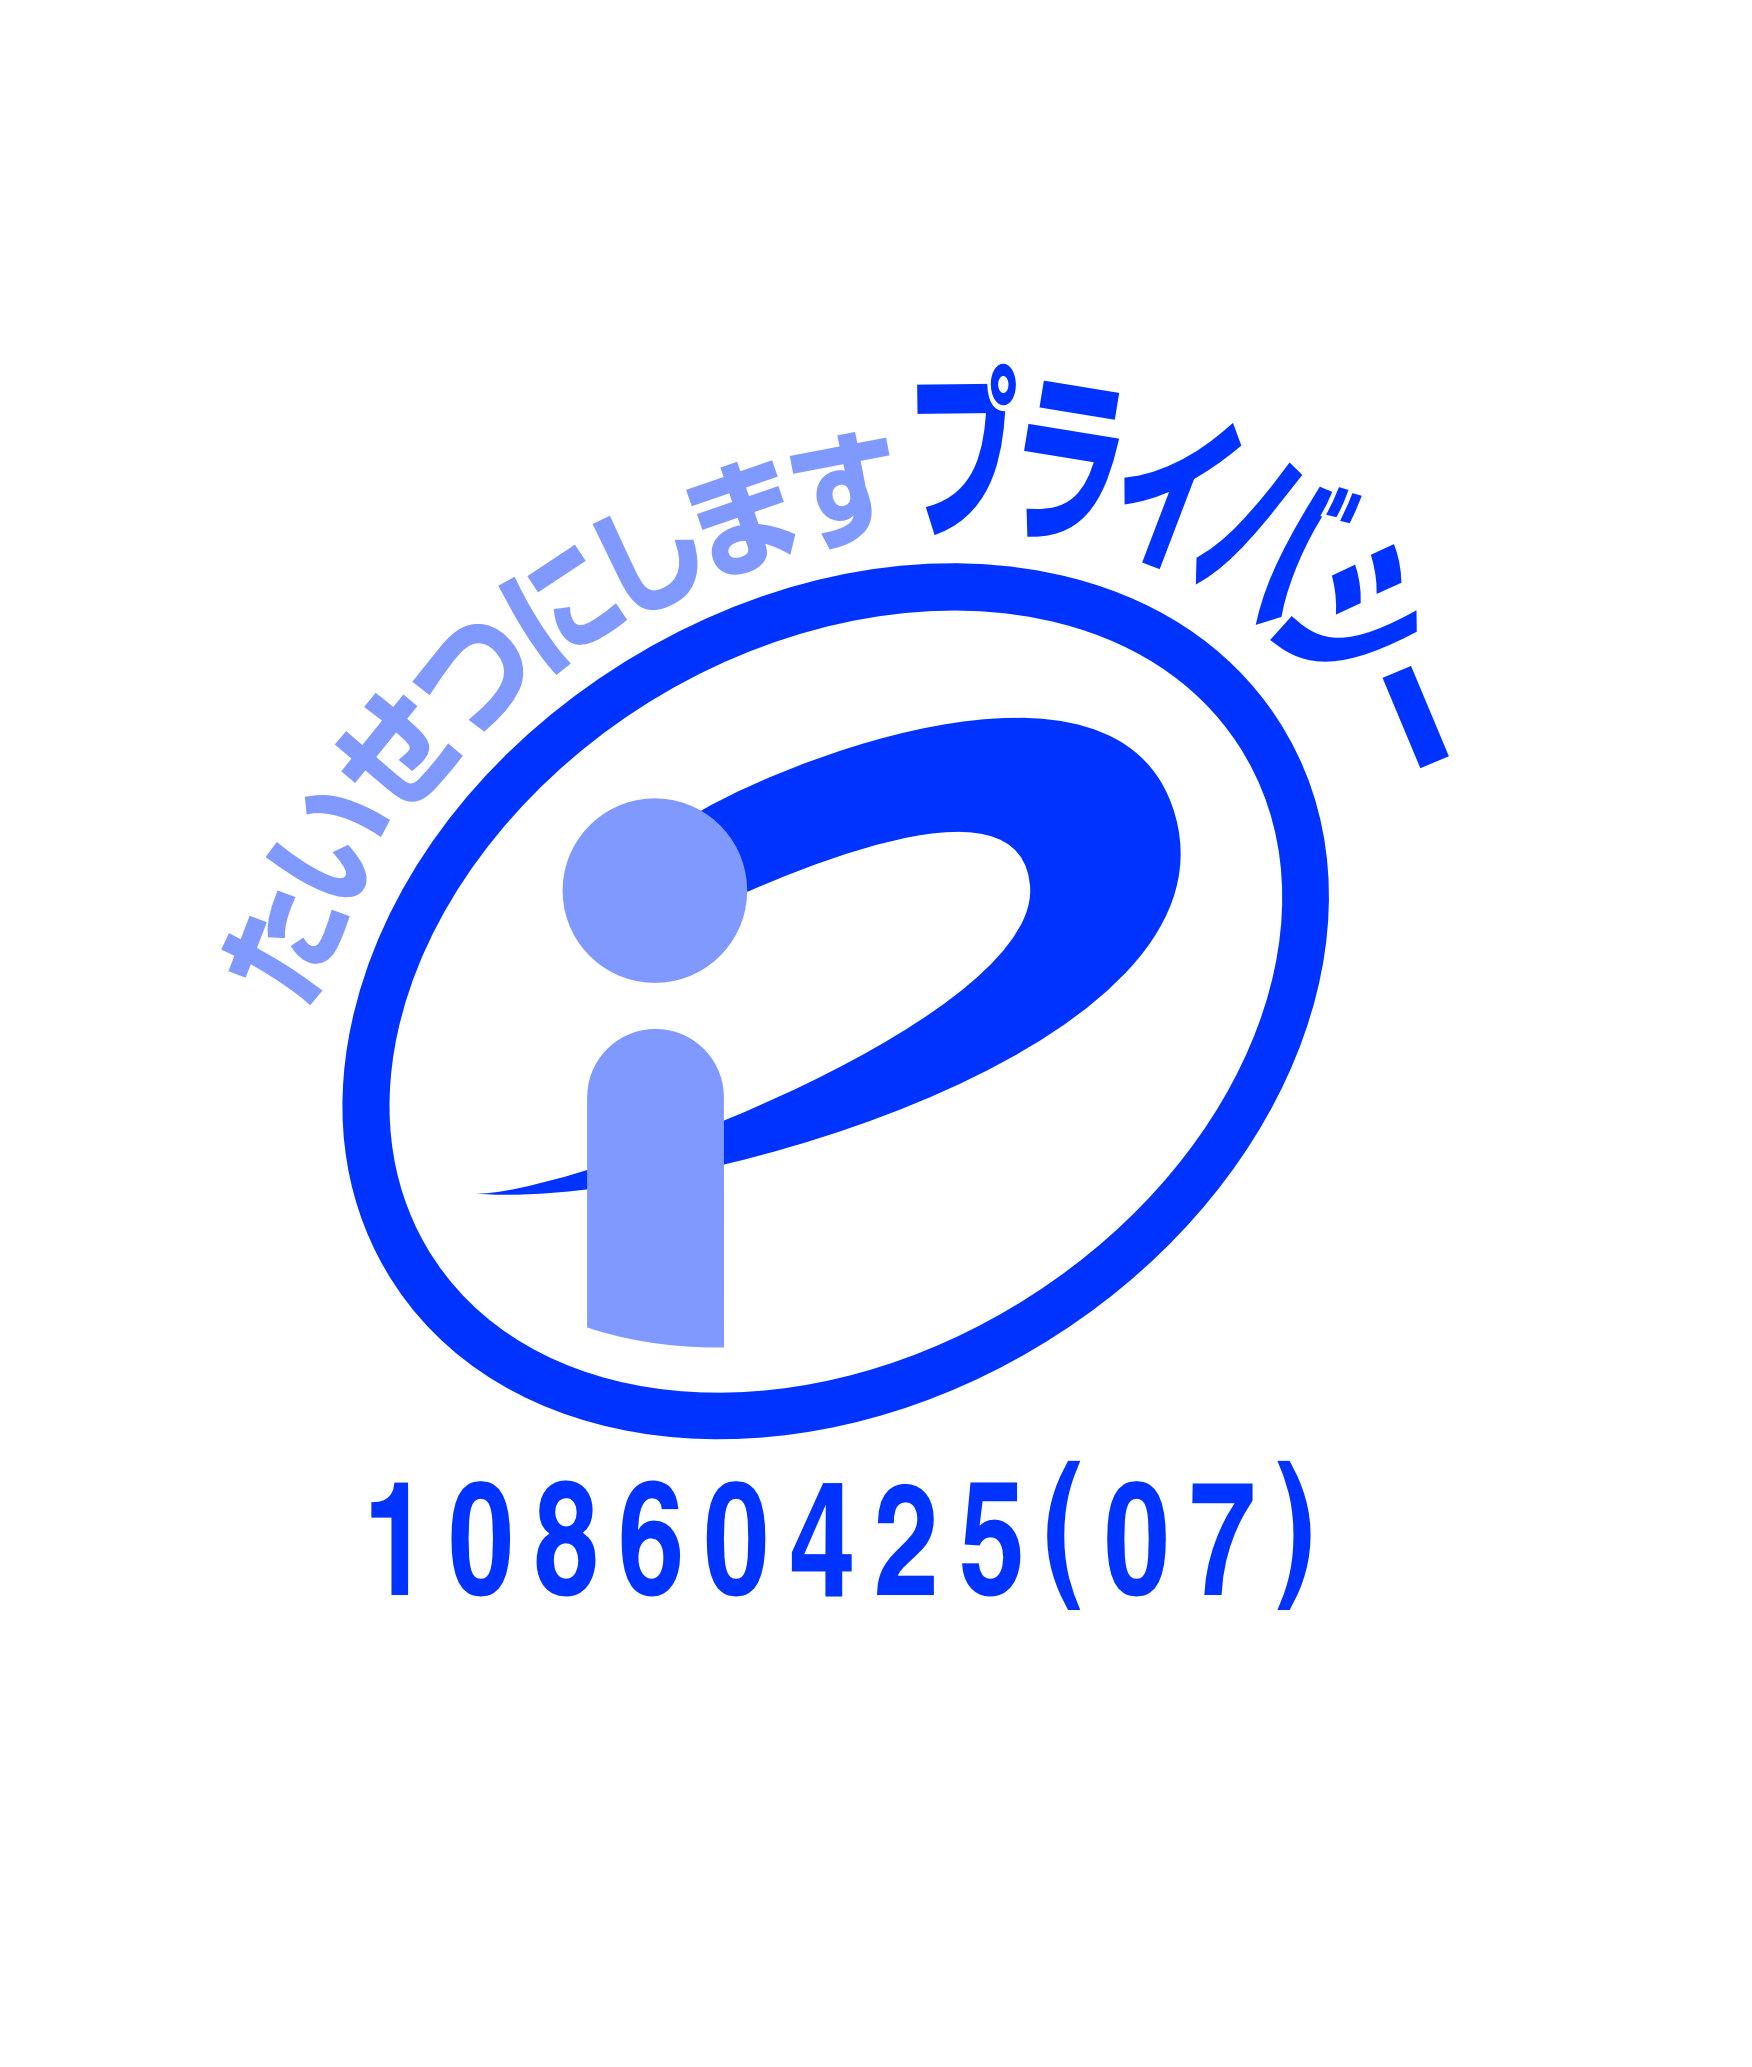 プライバシーマーク認定 第10860425(7)号